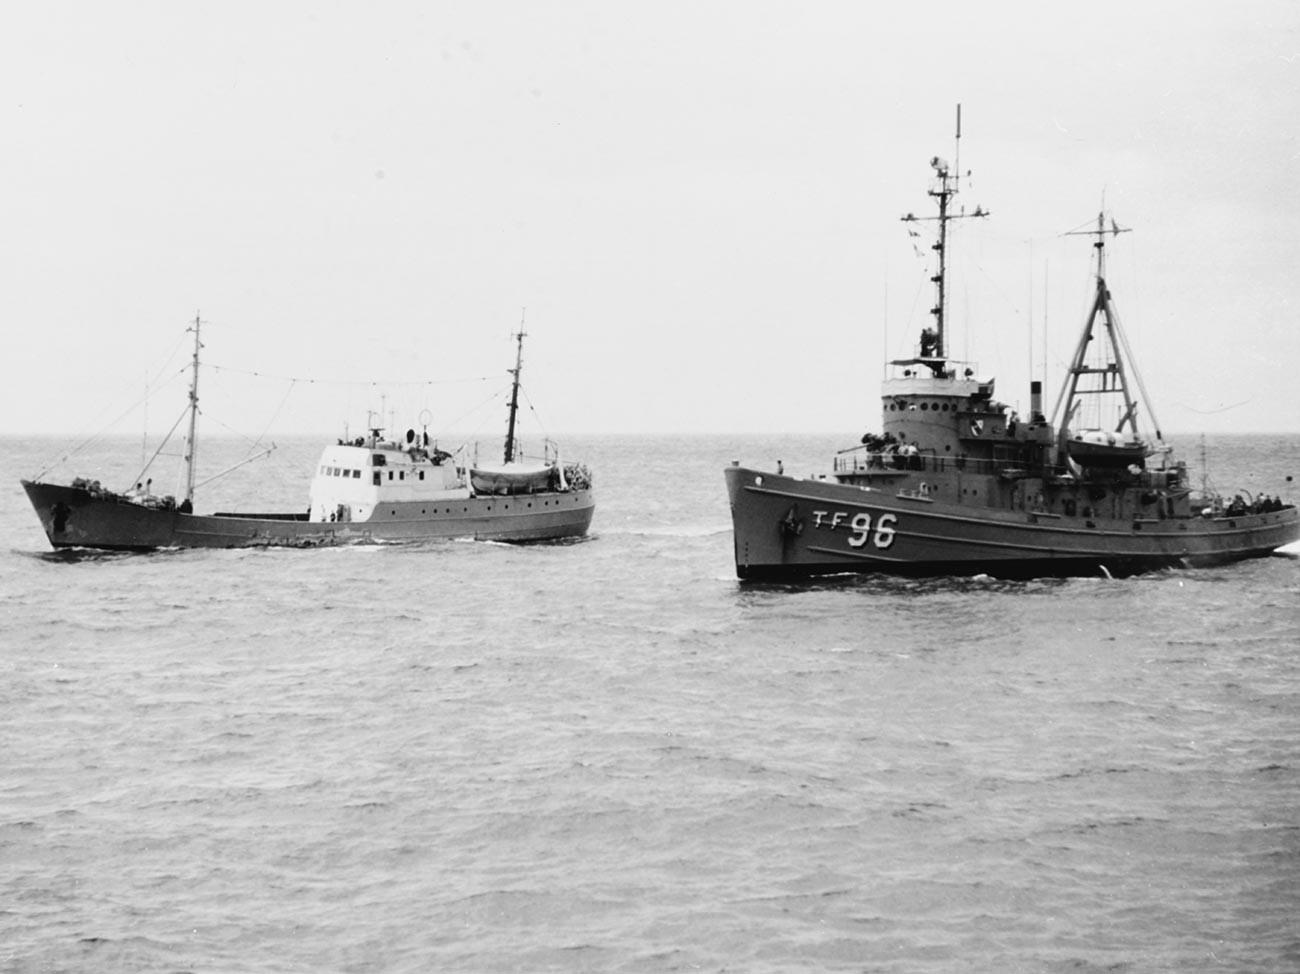 L'USS Abnaki (ATF-96) et le chalutier soviétique Guidrofon en mer de Chine méridionale le 18 décembre 1967